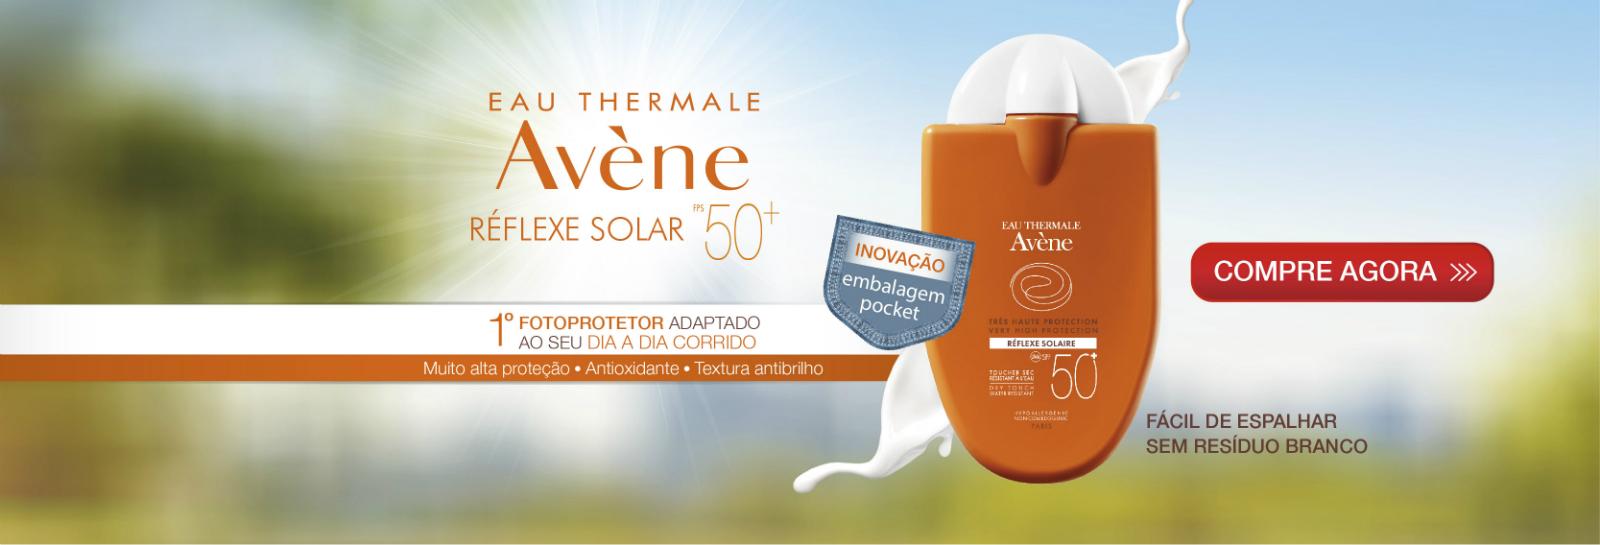 Avene Reflexe Solar 50+